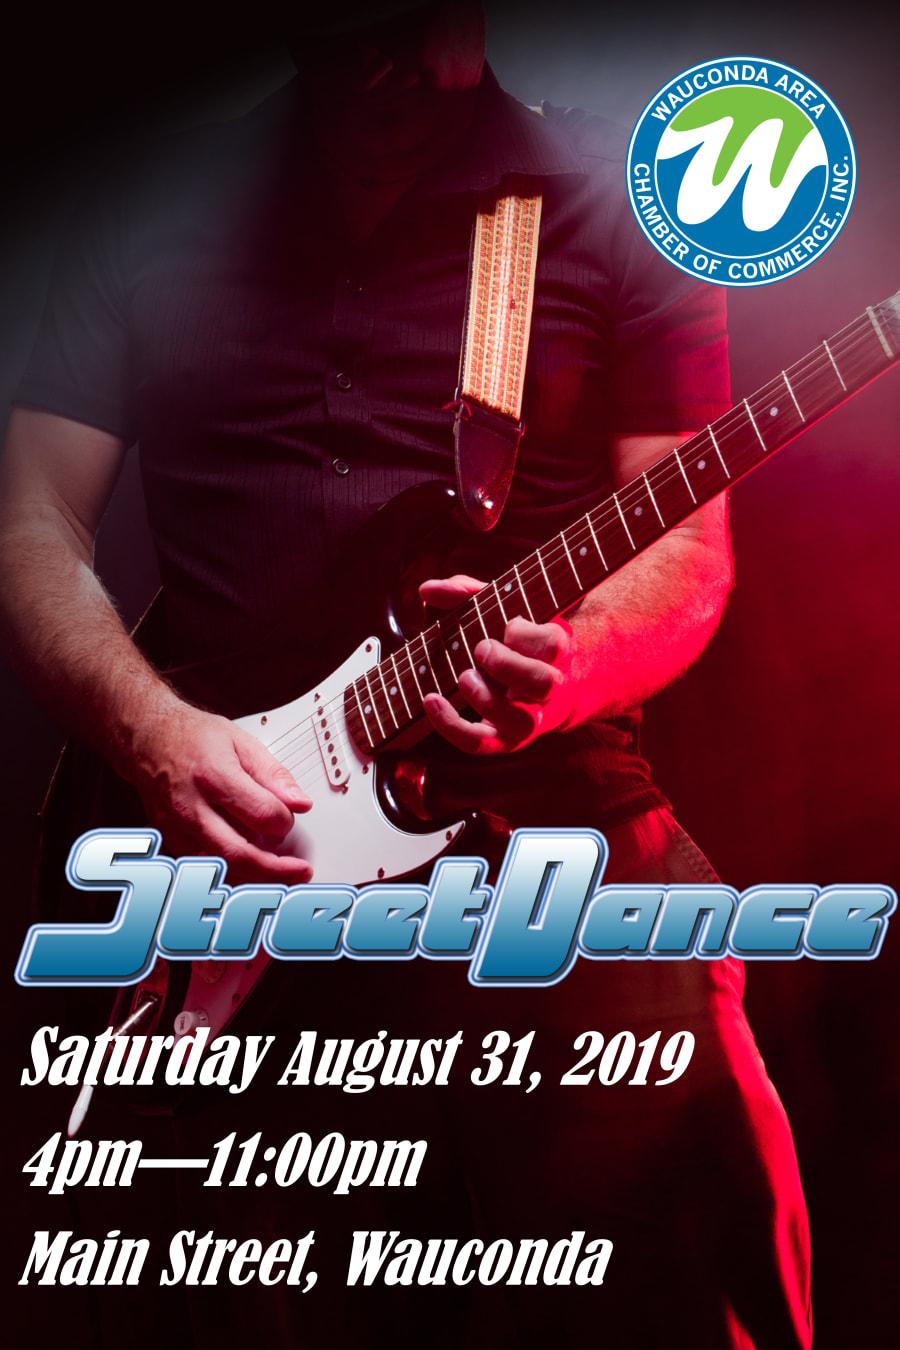 Street-Dance-2019-w900.jpg